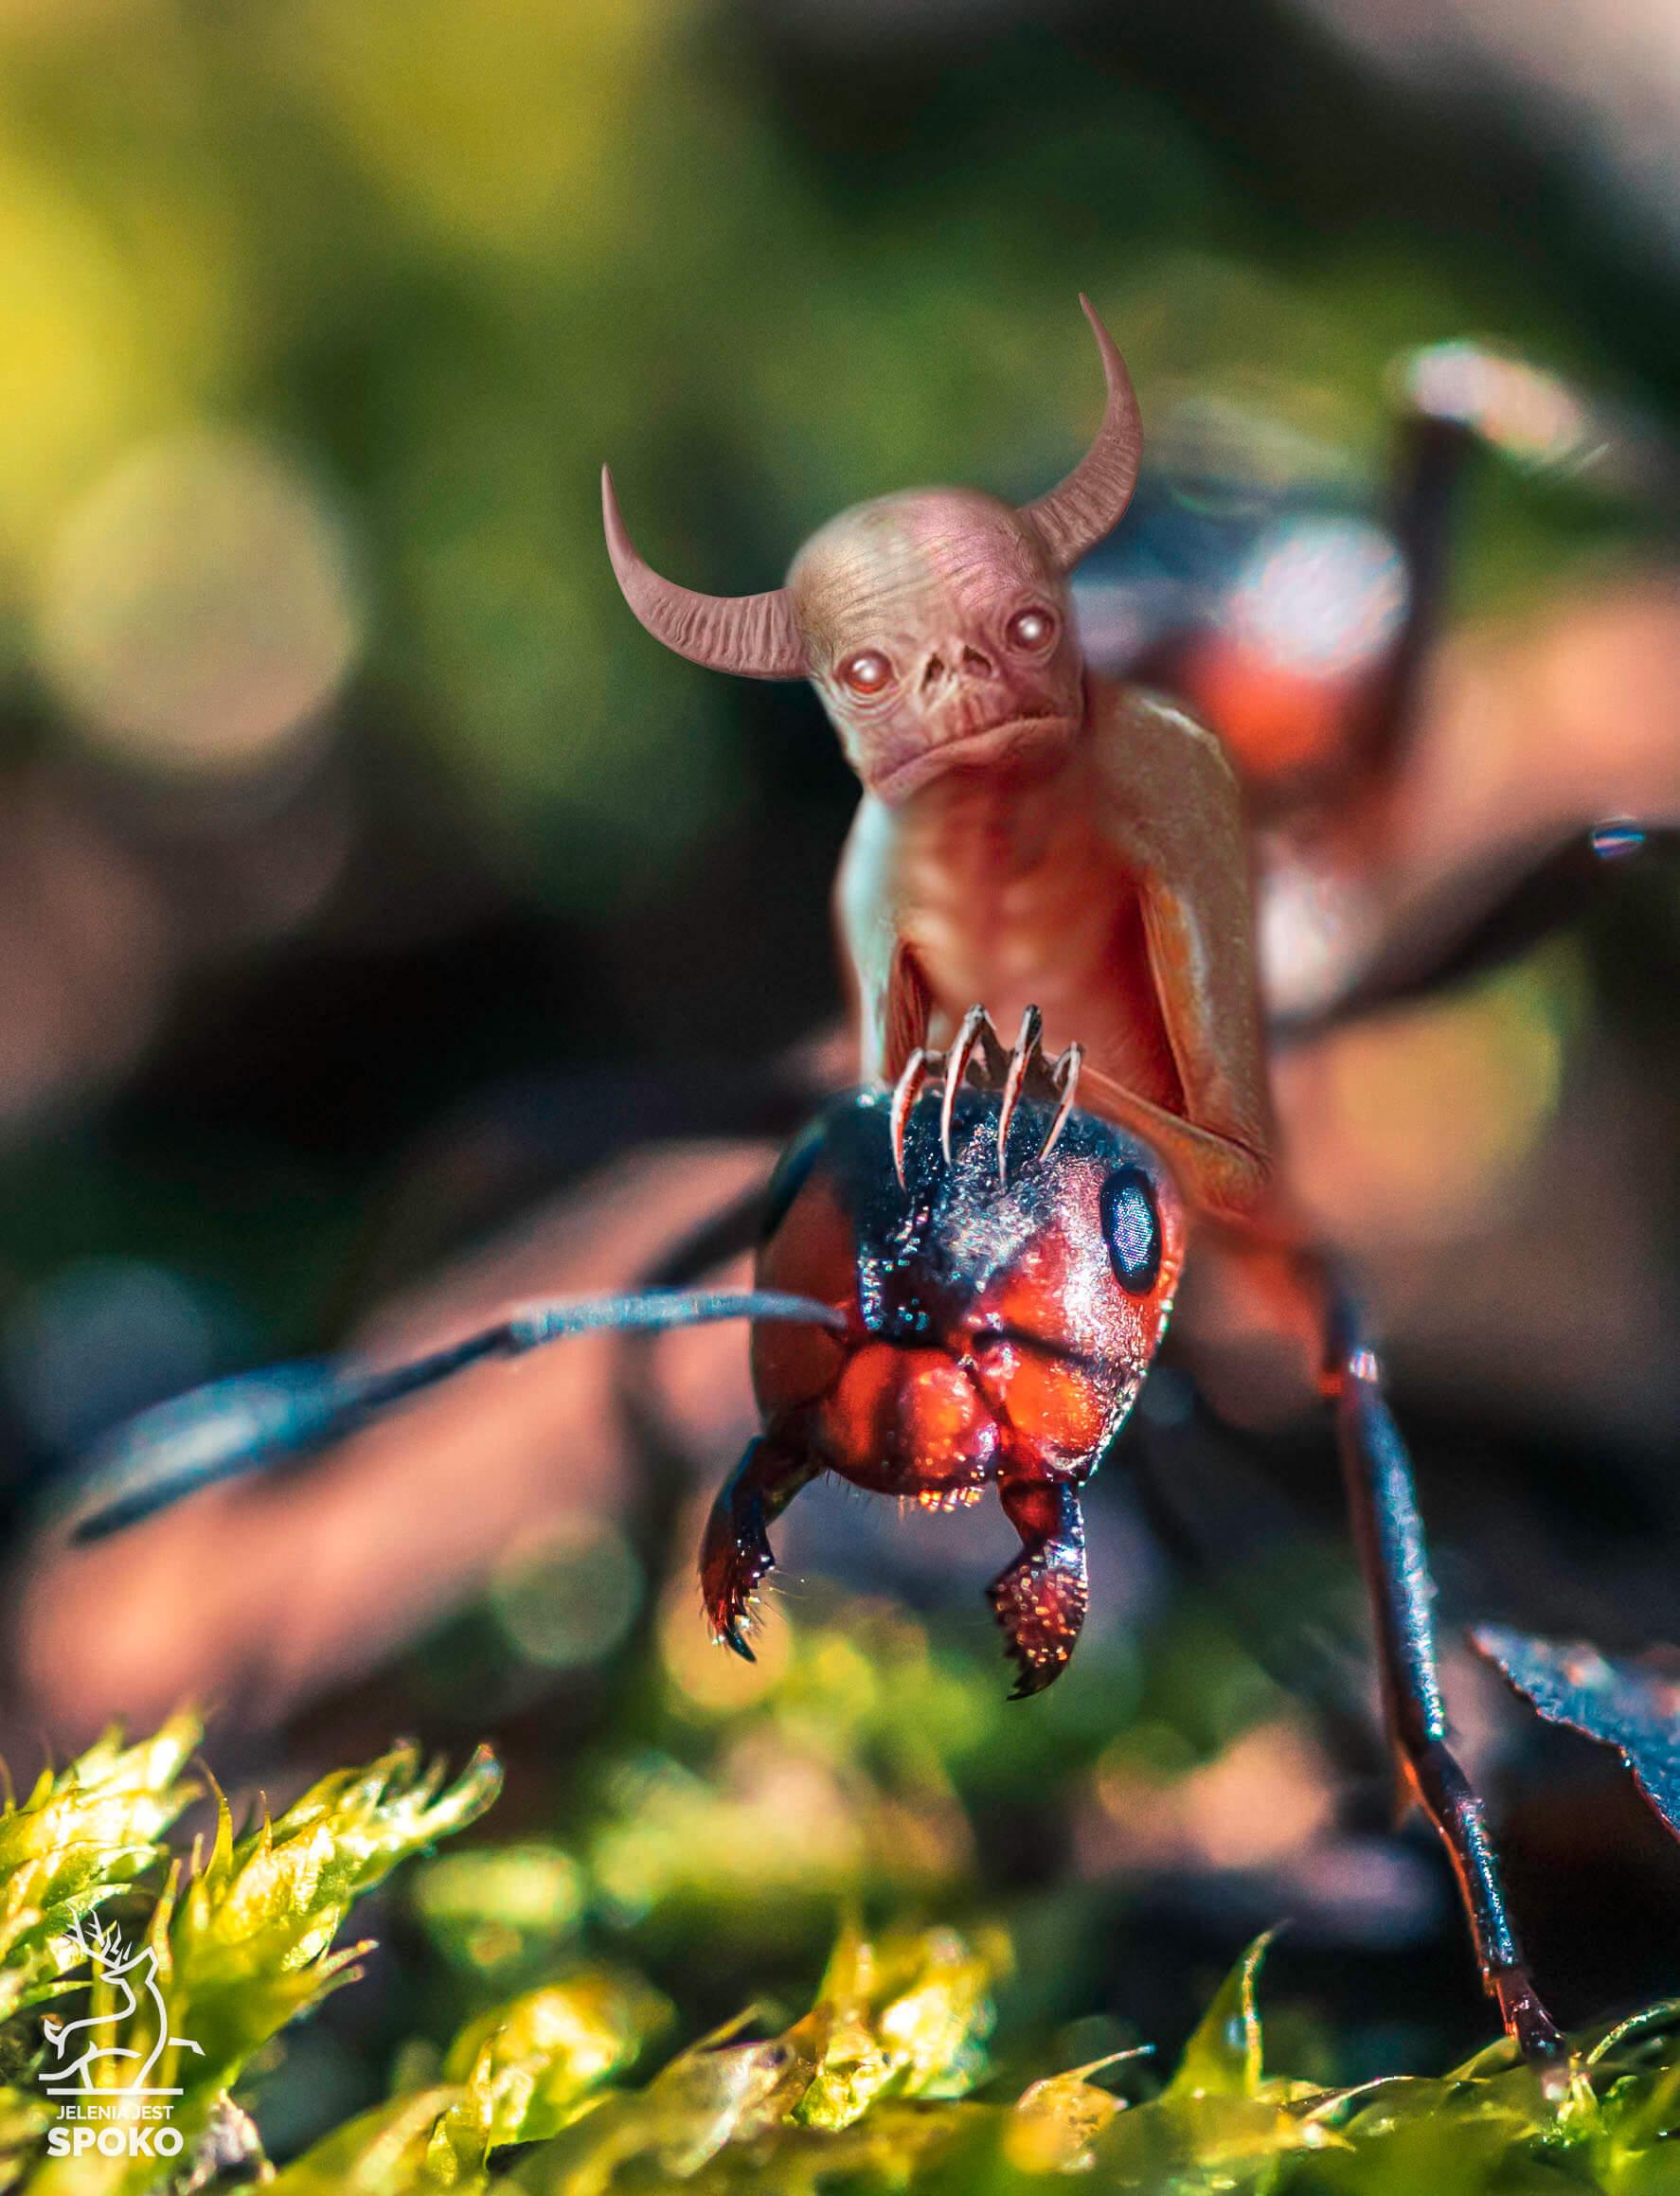 Mrowiak